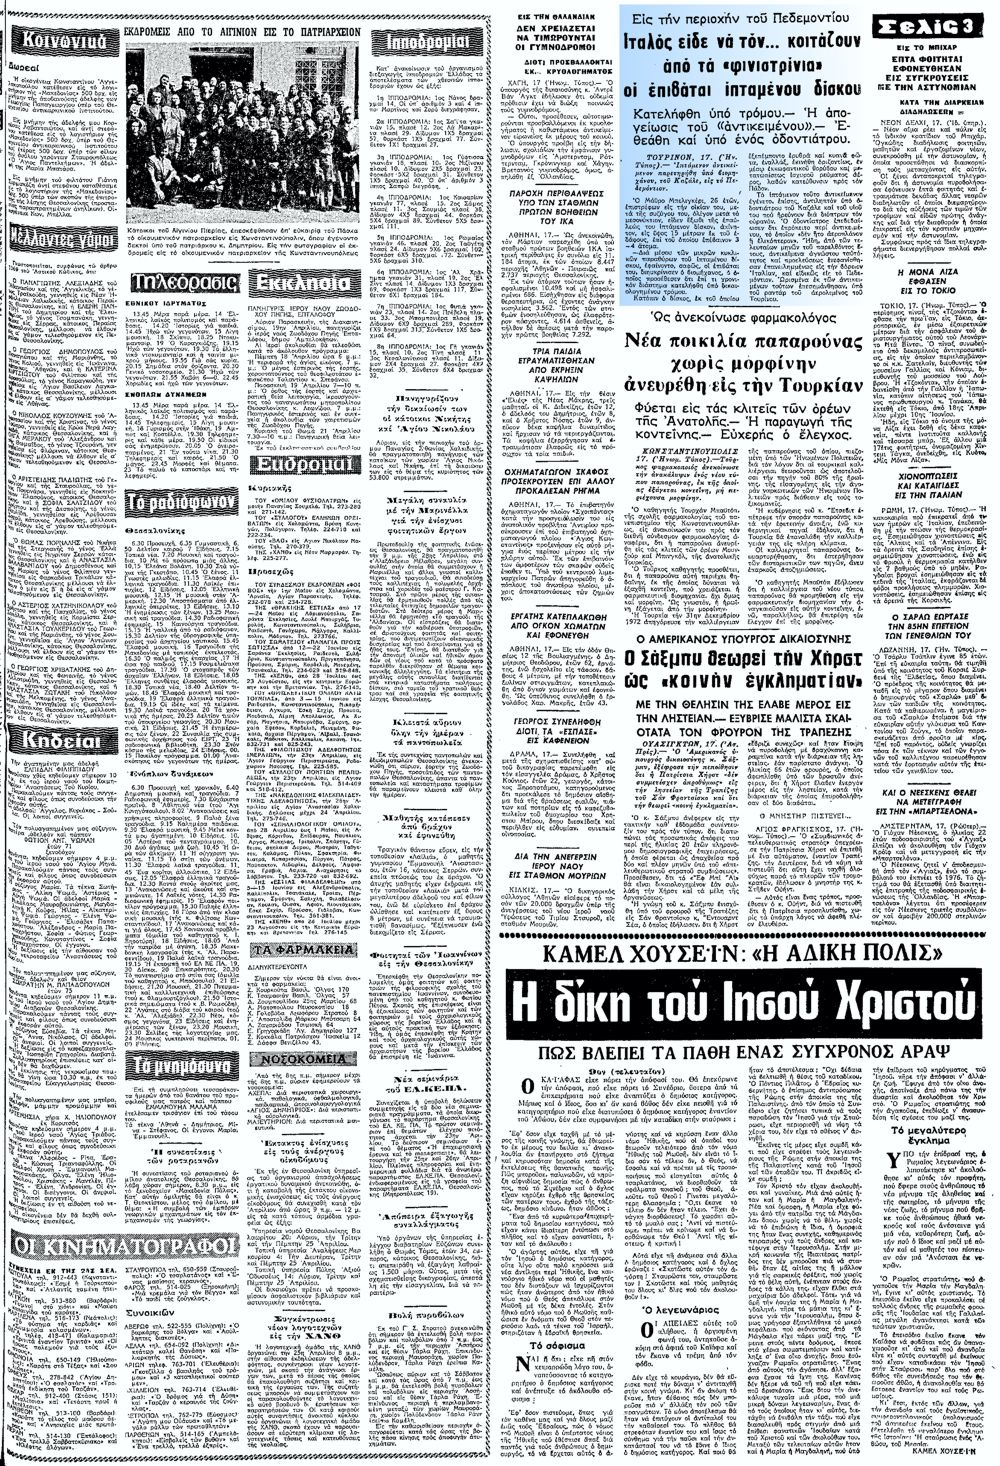 """Το άρθρο, όπως δημοσιεύθηκε στην εφημερίδα """"ΜΑΚΕΔΟΝΙΑ"""", στις 18/04/1974"""